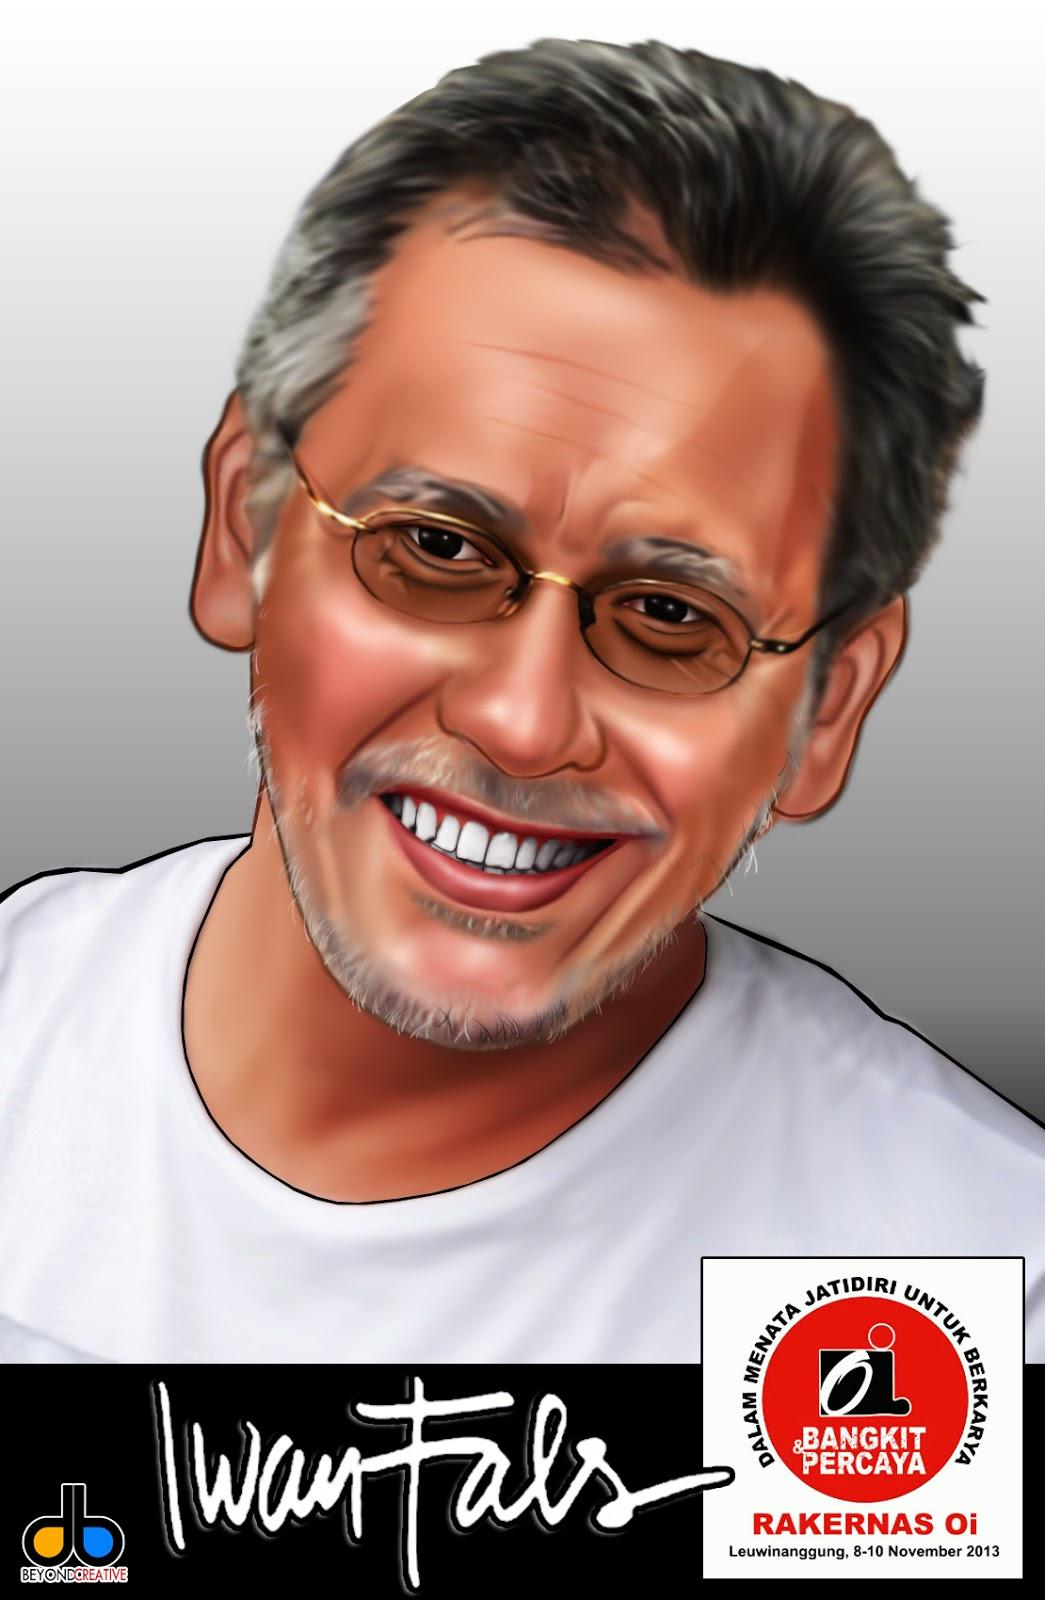 Bang Iwan Fals Jasa Pembuatan Karikatur Balikpapan